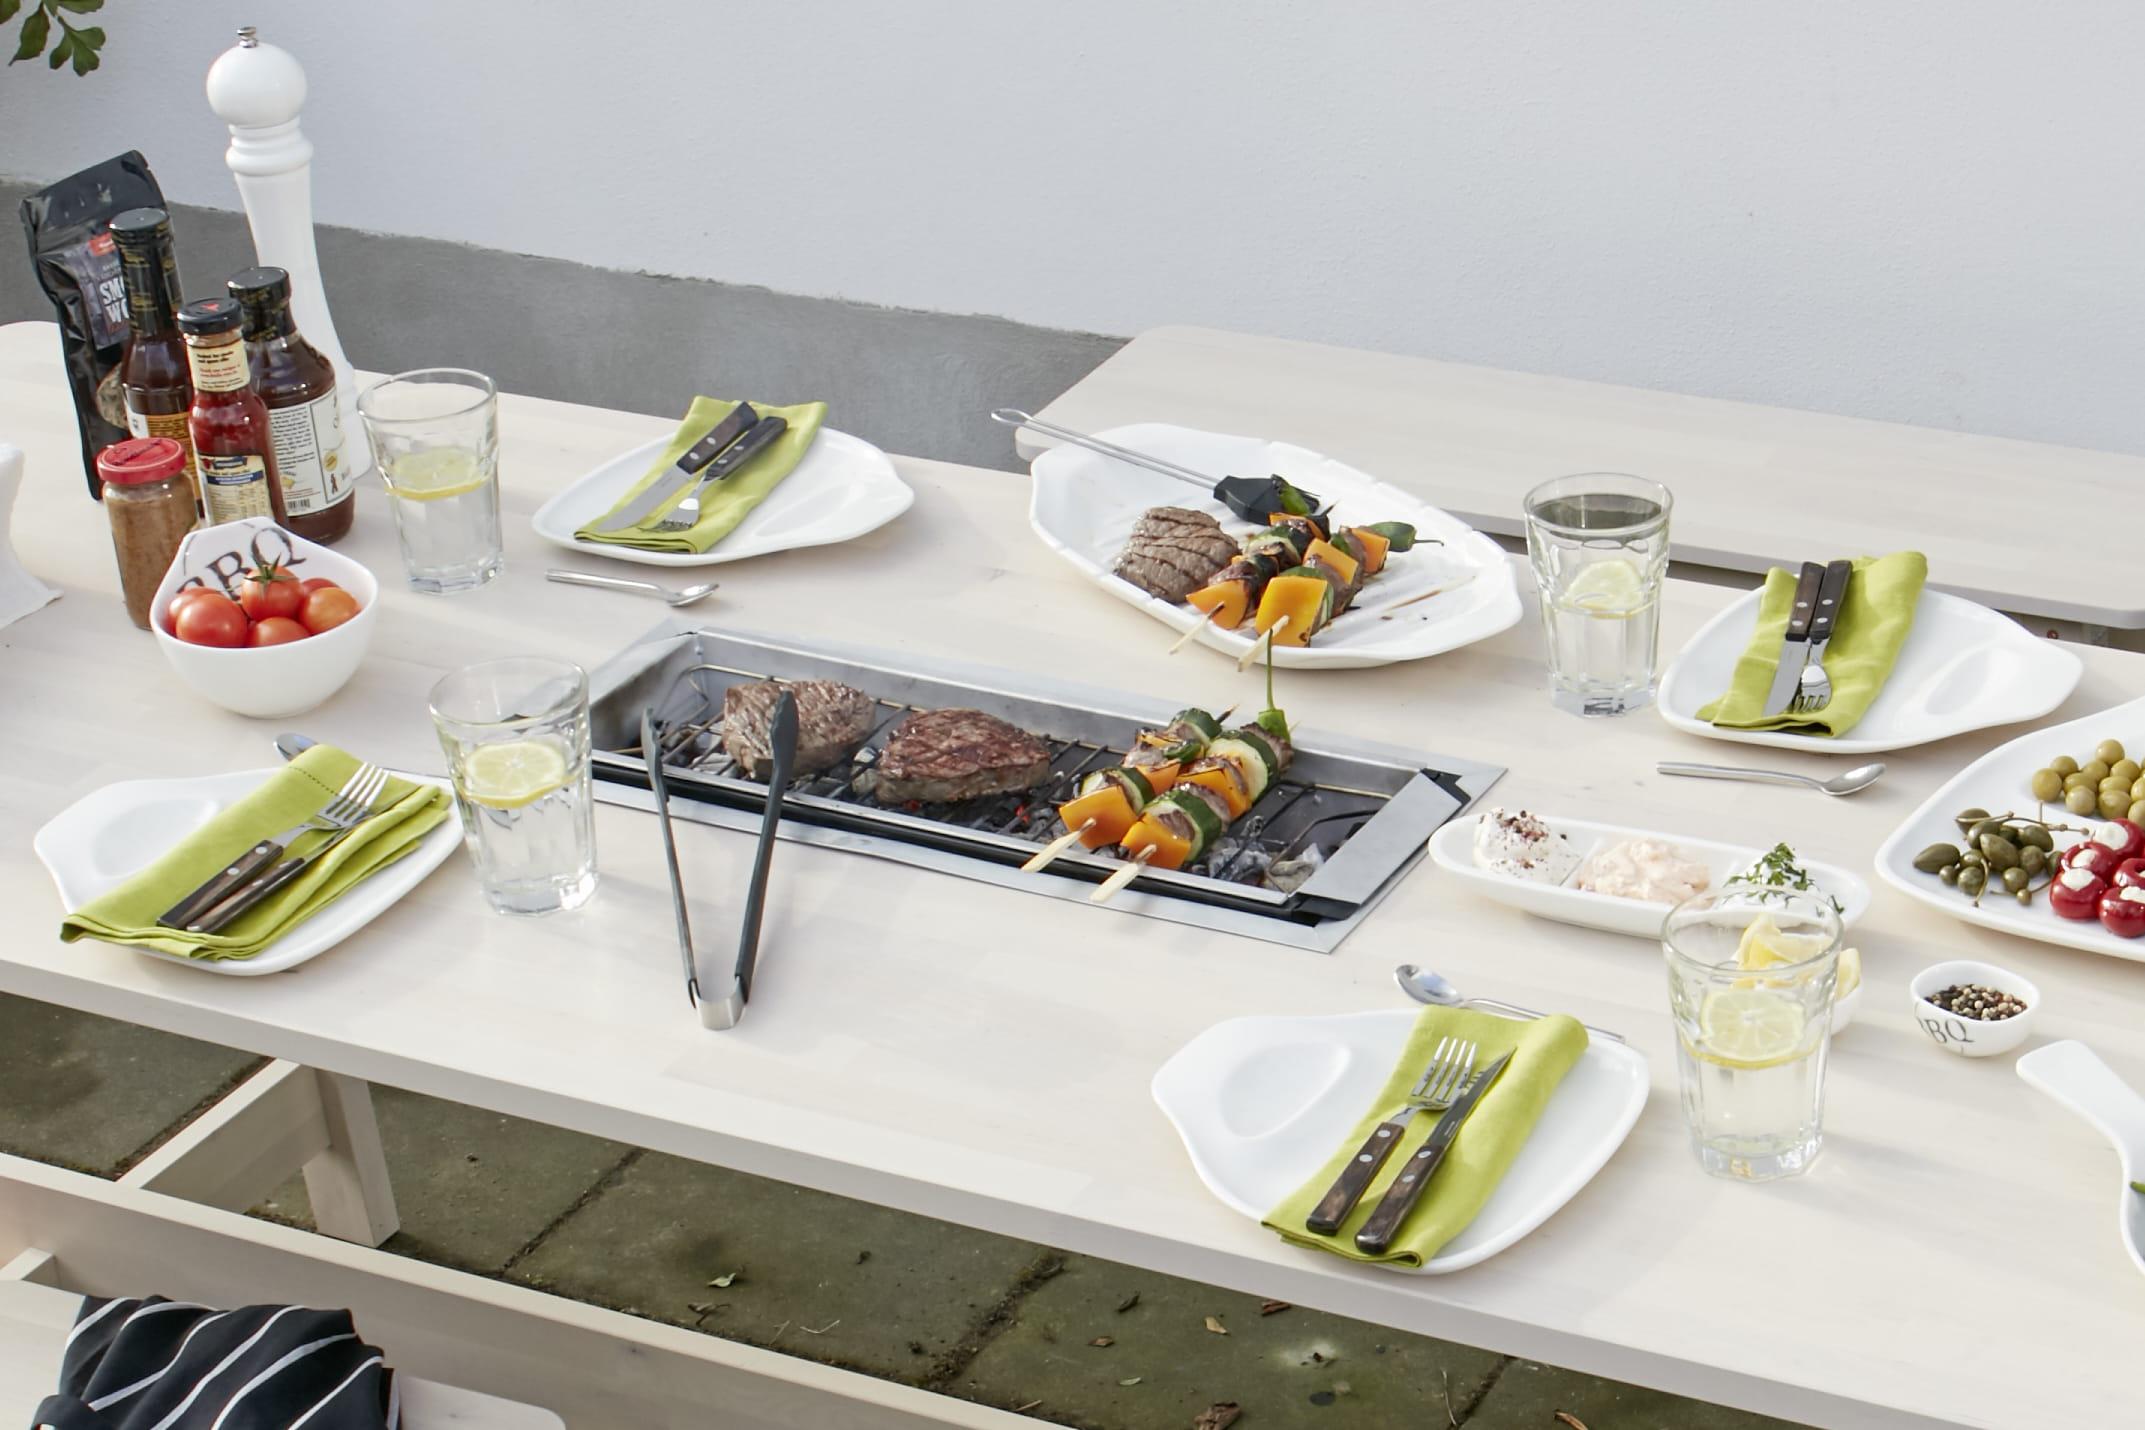 Diy une table de jardin avec barbecue int gr journal des femmes - Table jardin barbecue creteil ...